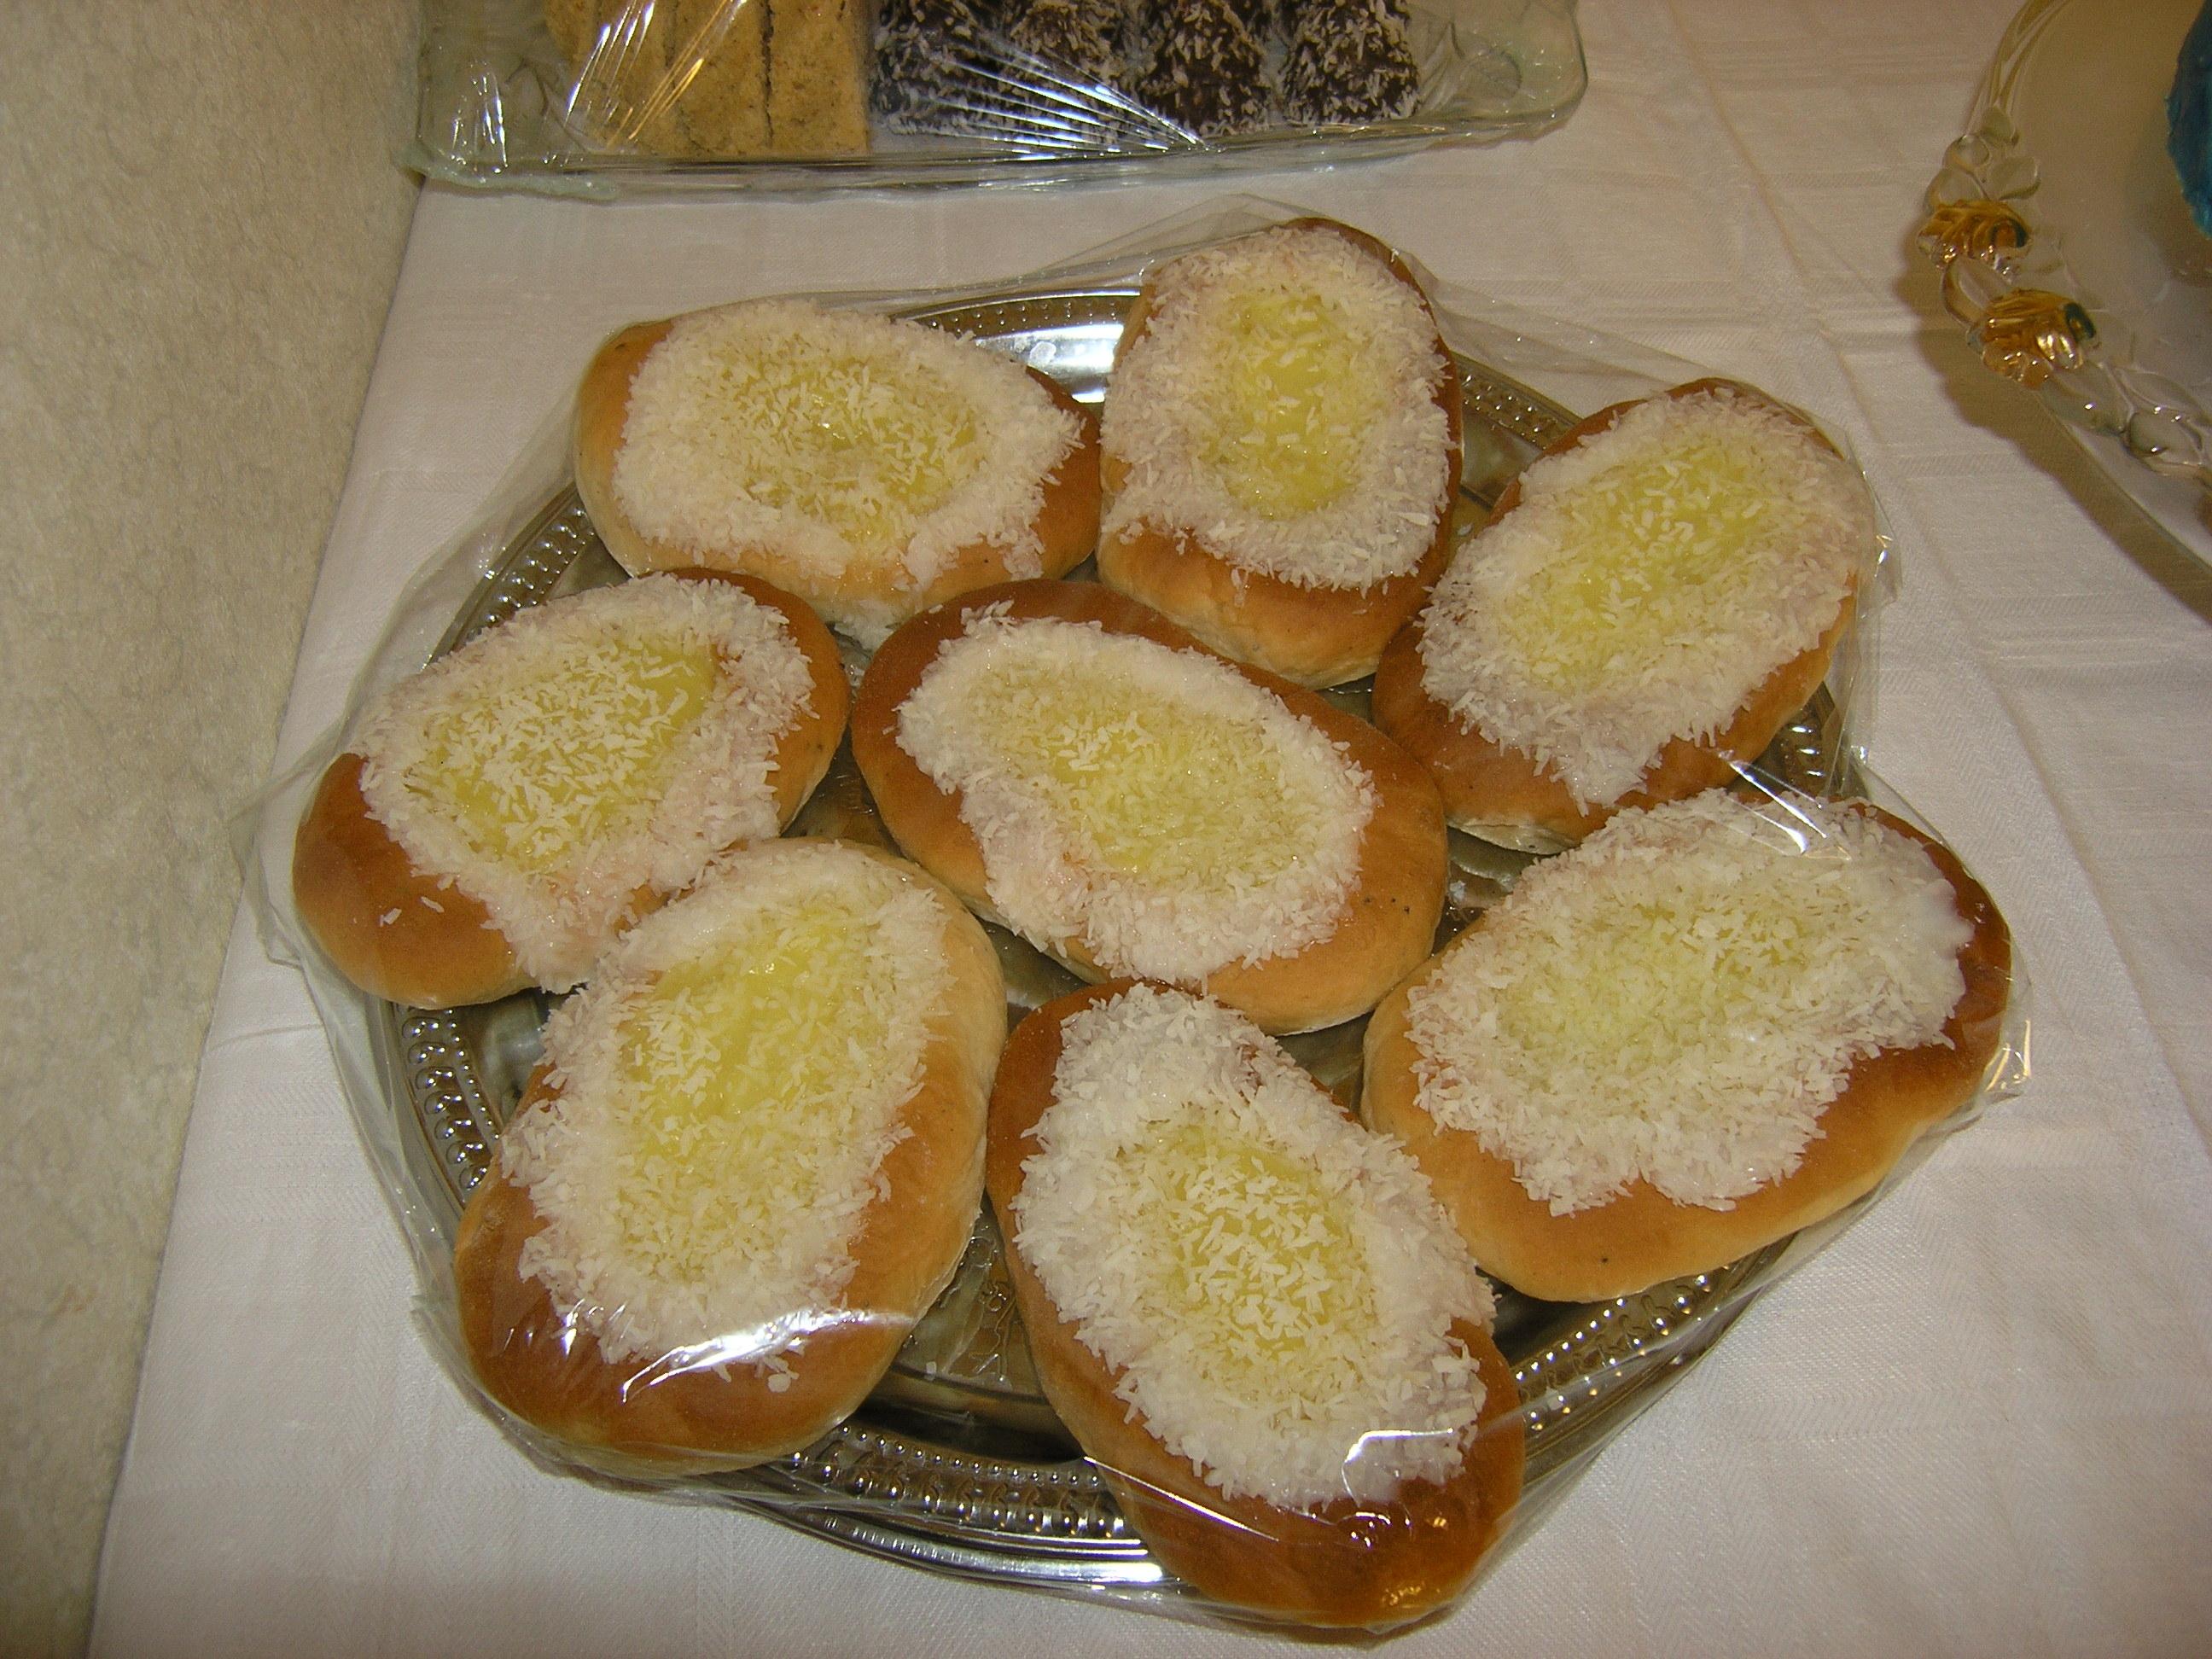 ägg socker mjöl vatten margarin mjölk florsocker kokos